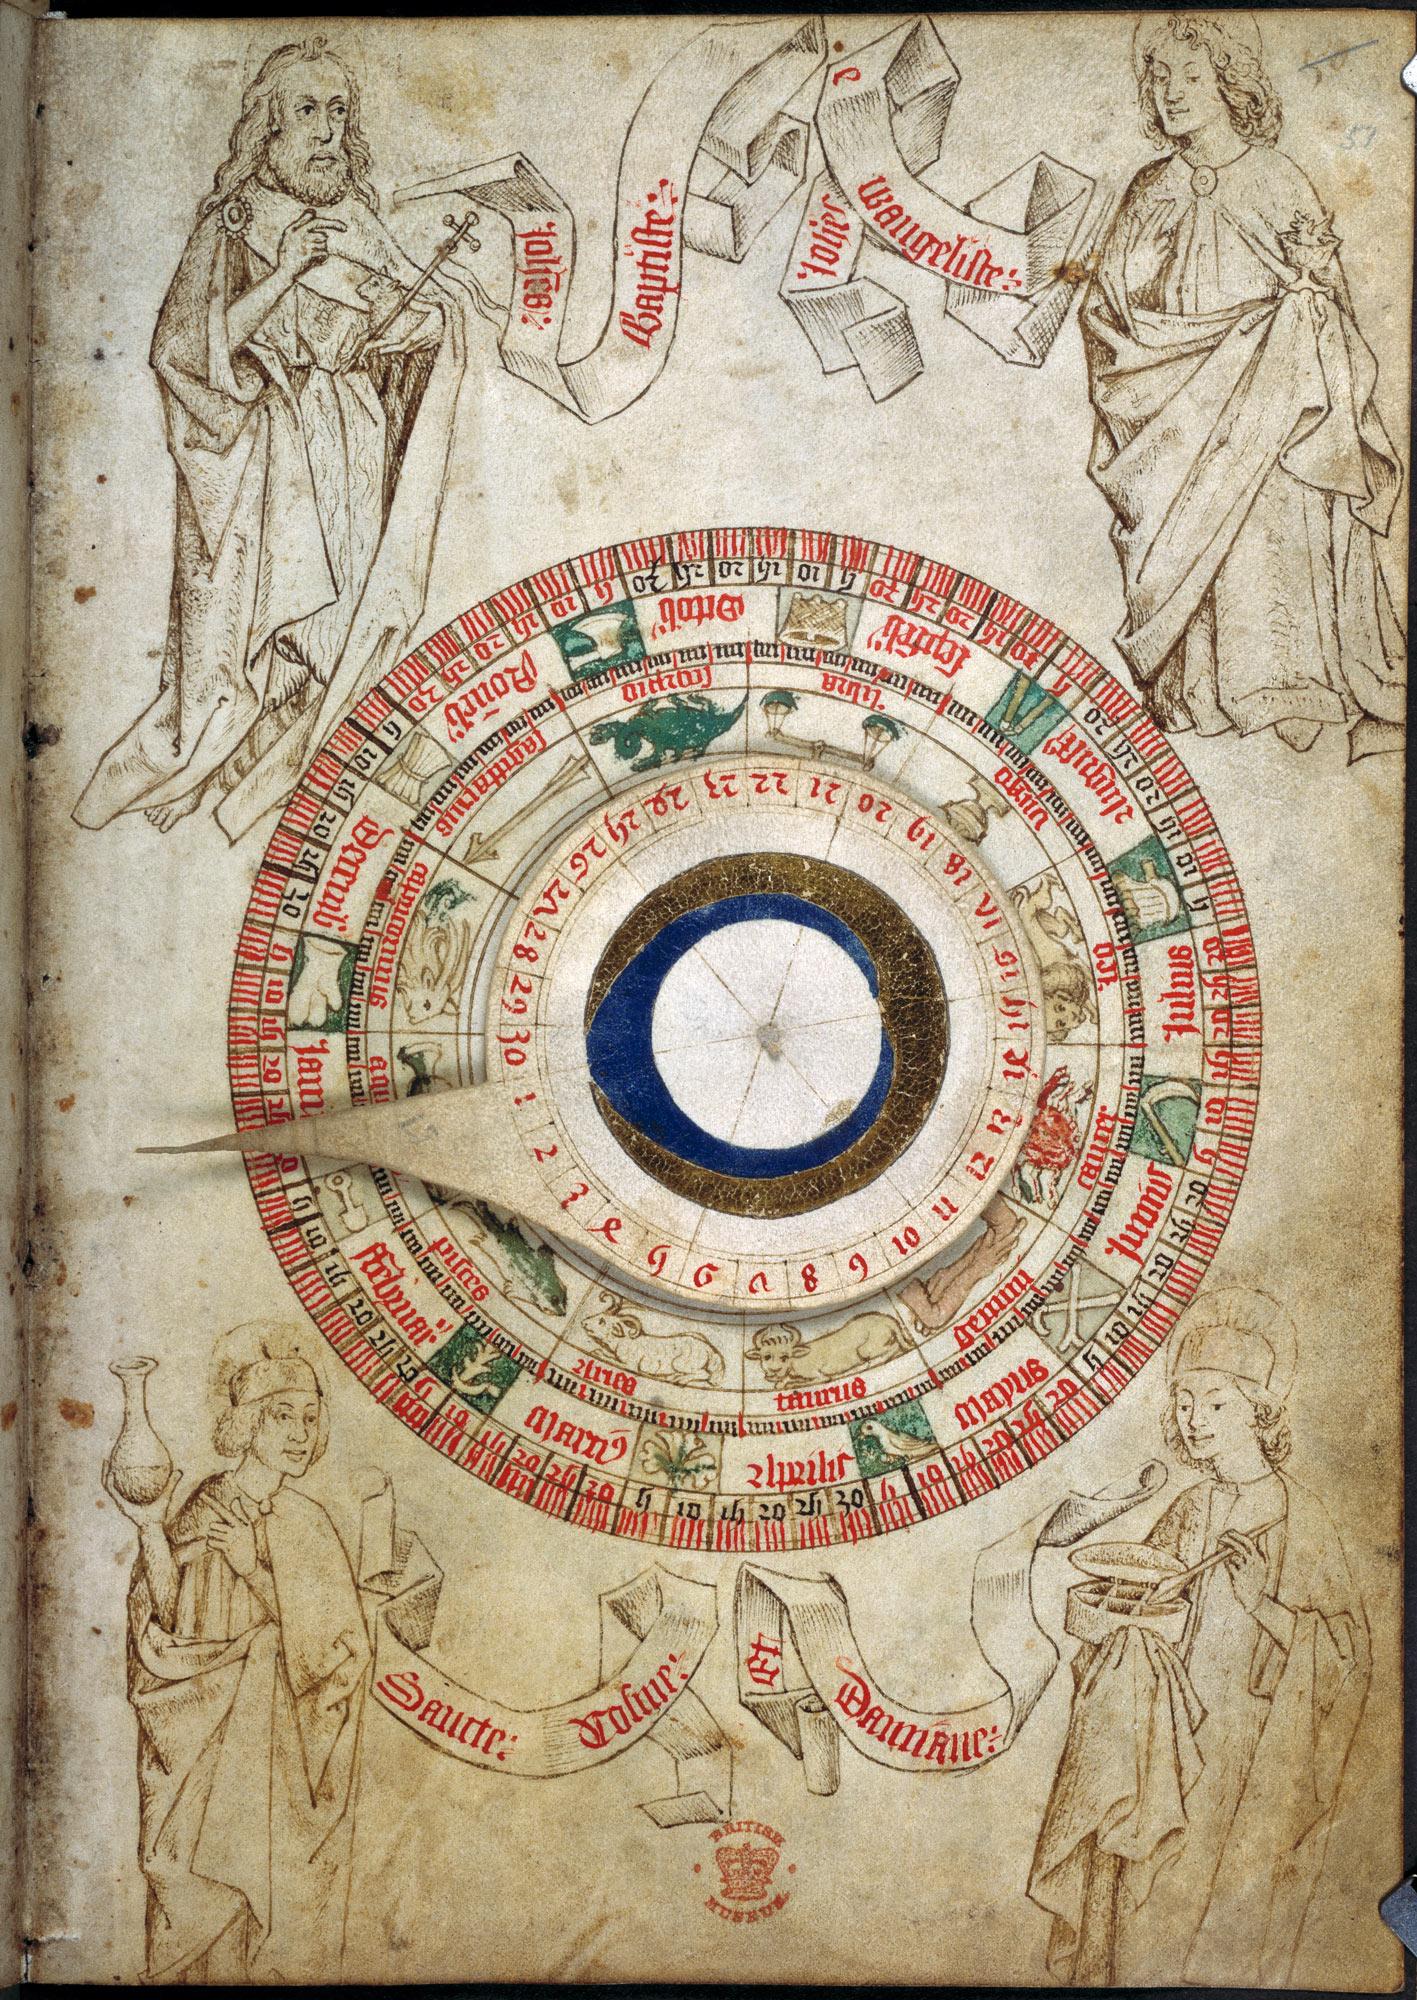 A circular zodiac chart